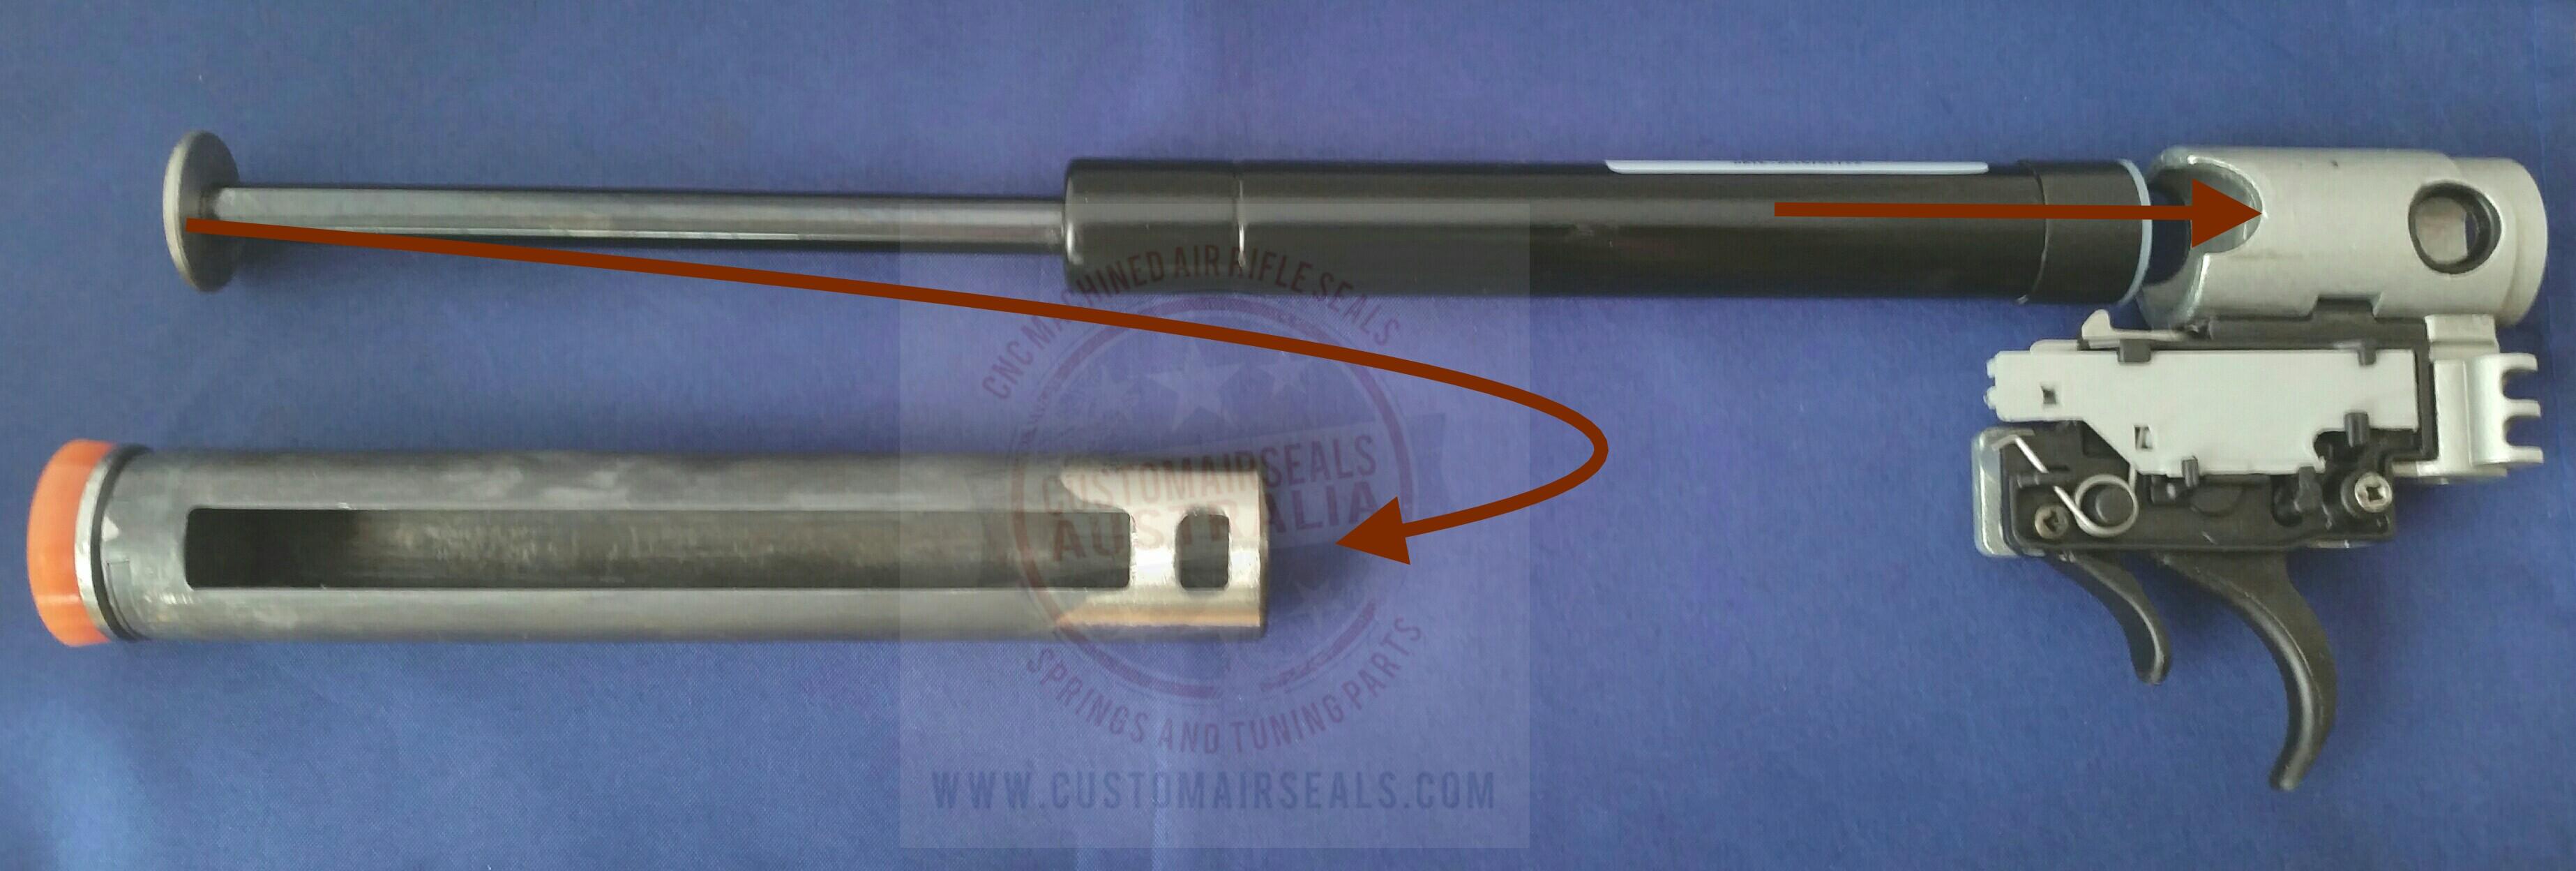 Gamo Ats Sat Trigger Gas Ram Kit Customairseals